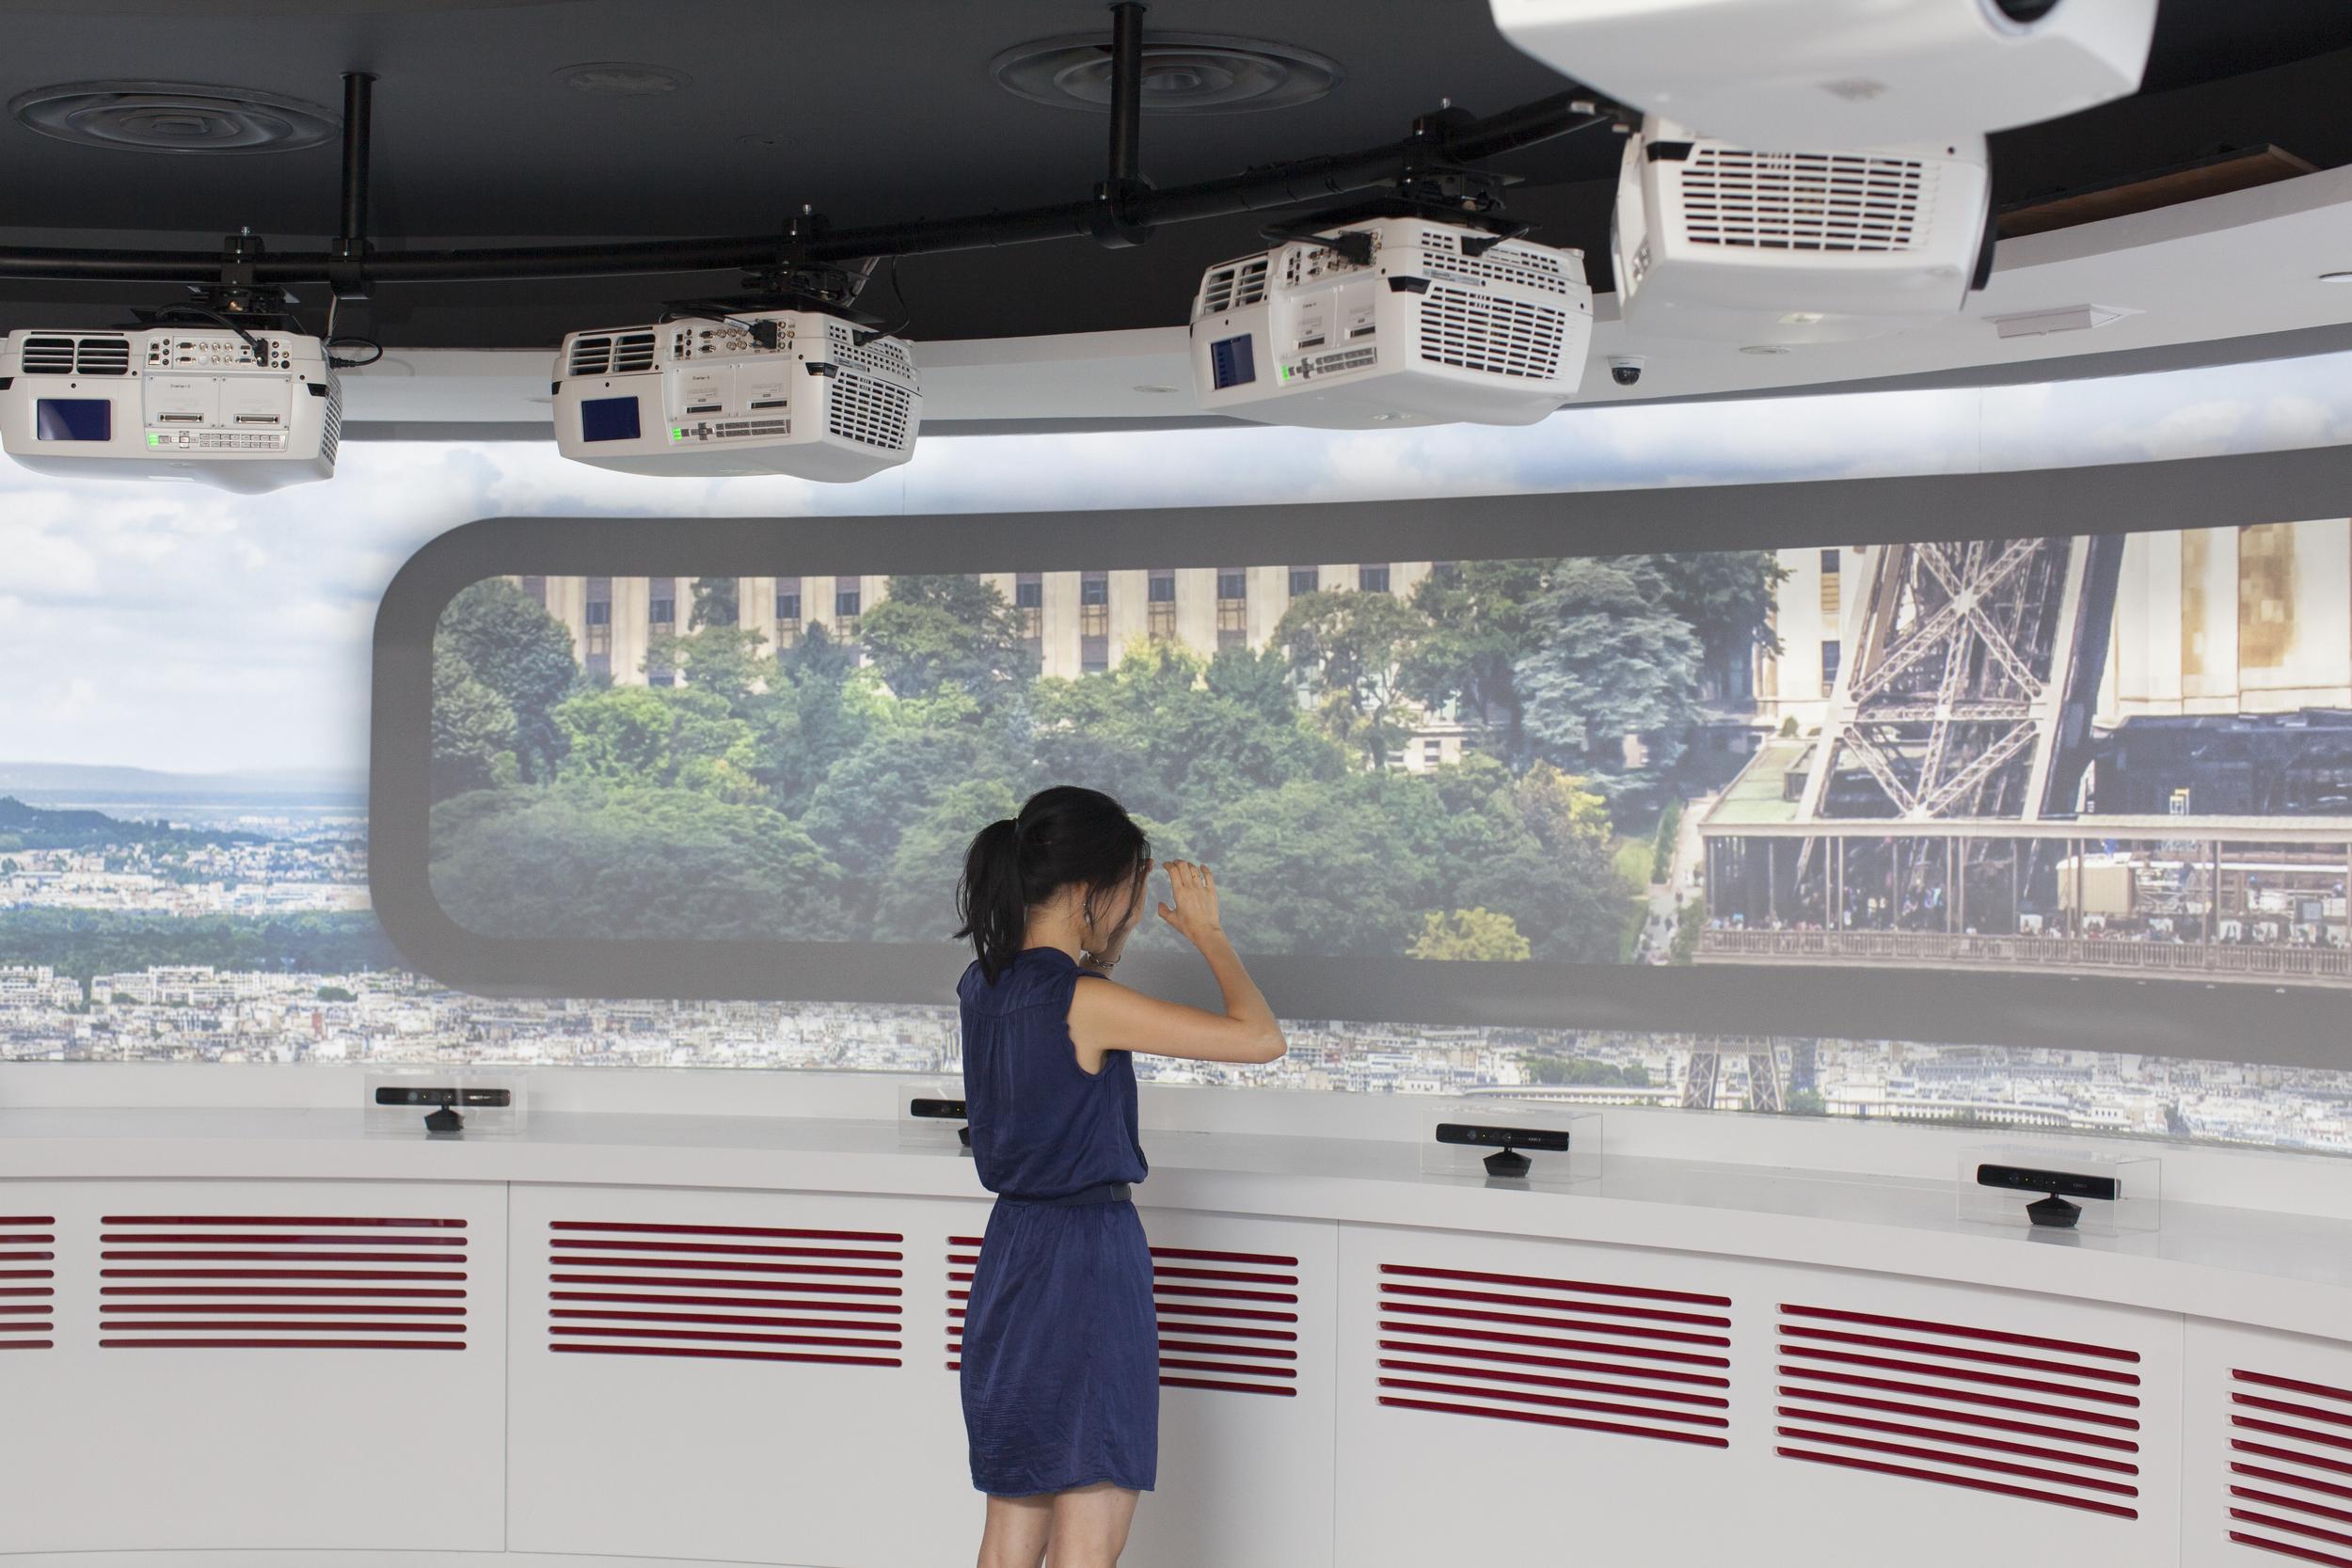 binoculars gesture allows zoom in context